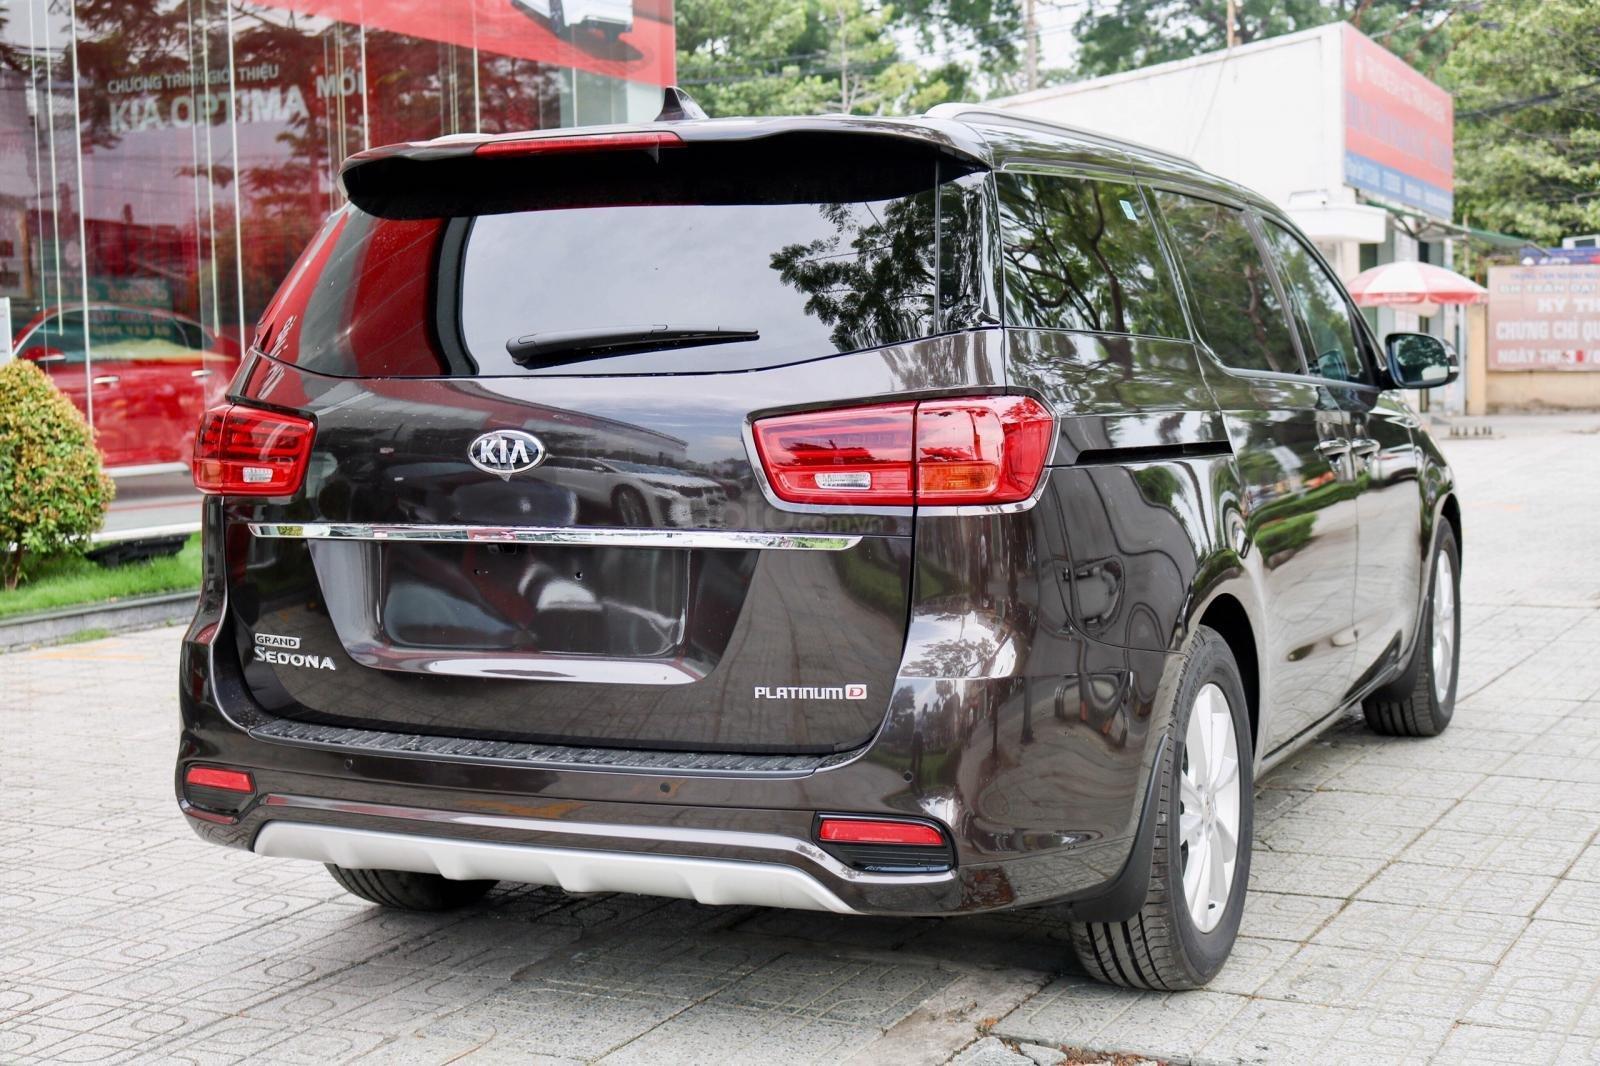 Kia Sedona 2019 huyện Hóc Môn, tặng bảo hiểm, đưa trước 370 triệu có xe-2